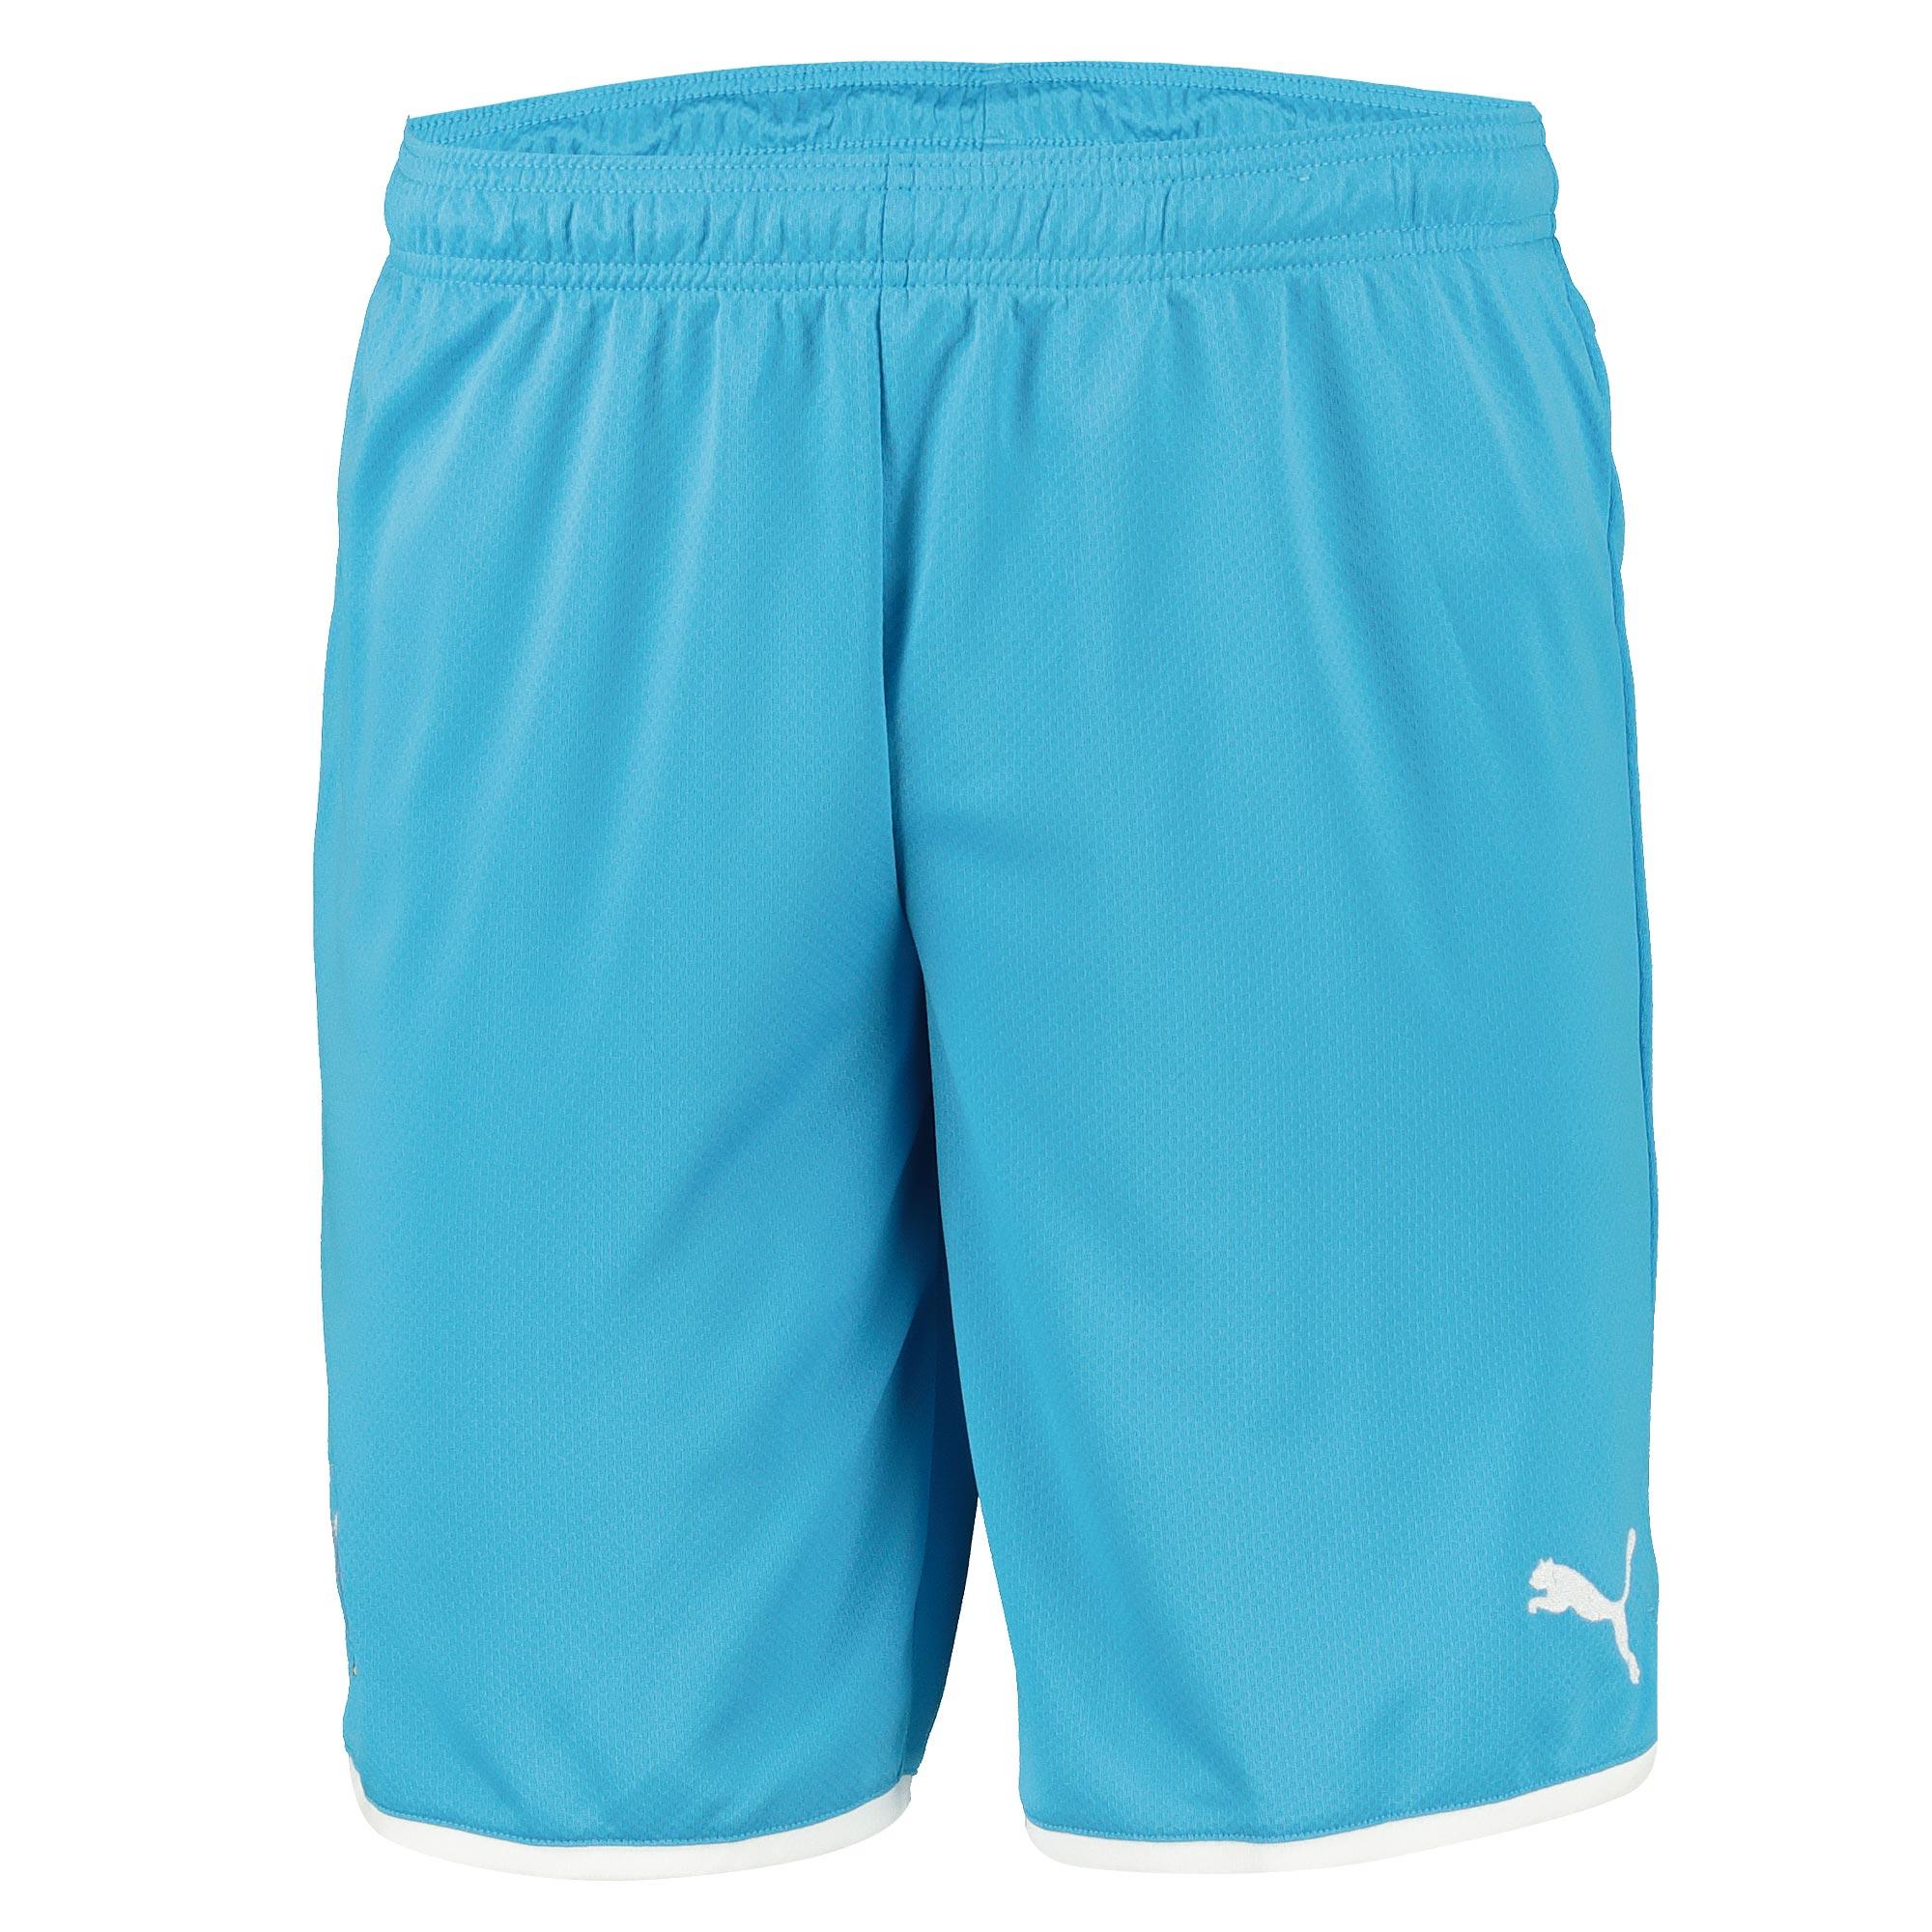 Olympique de Marseille Away Shorts 2019-20